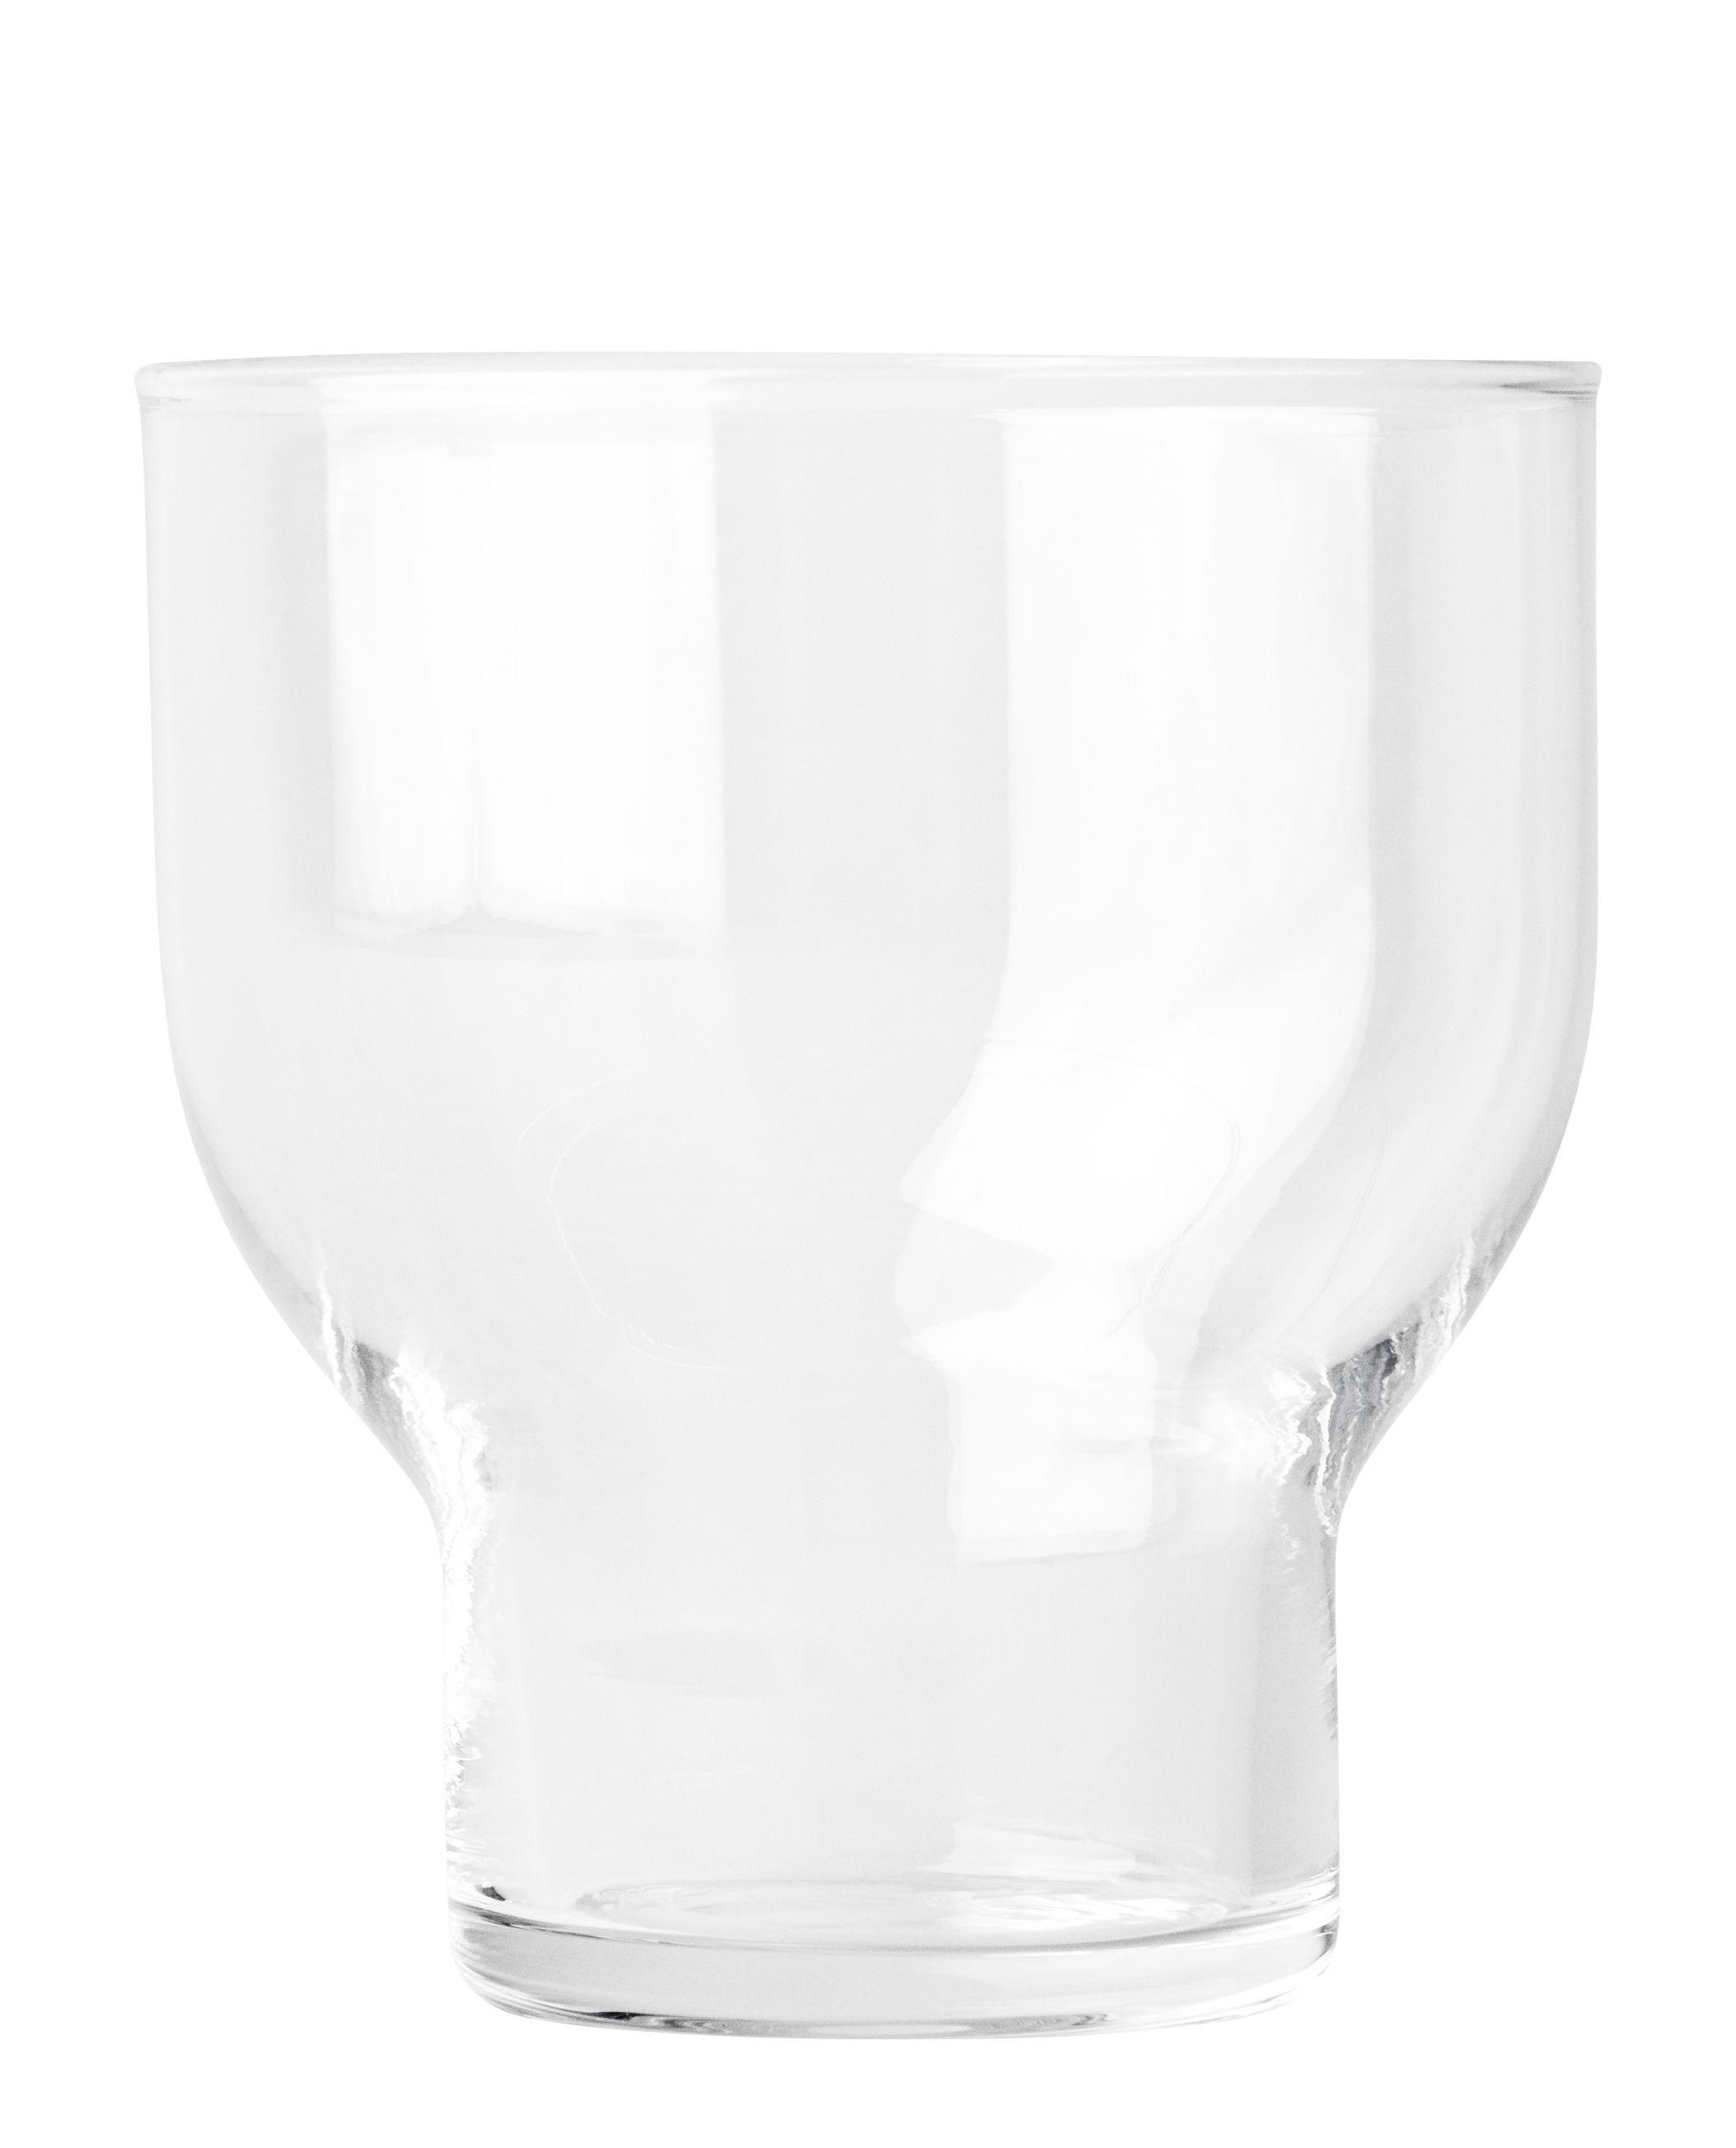 Arts de la table - Verres  - Verre Stackable Glass / 27 cl - H 9,5 cm - Menu - Transparent - Verre soufflé bouche